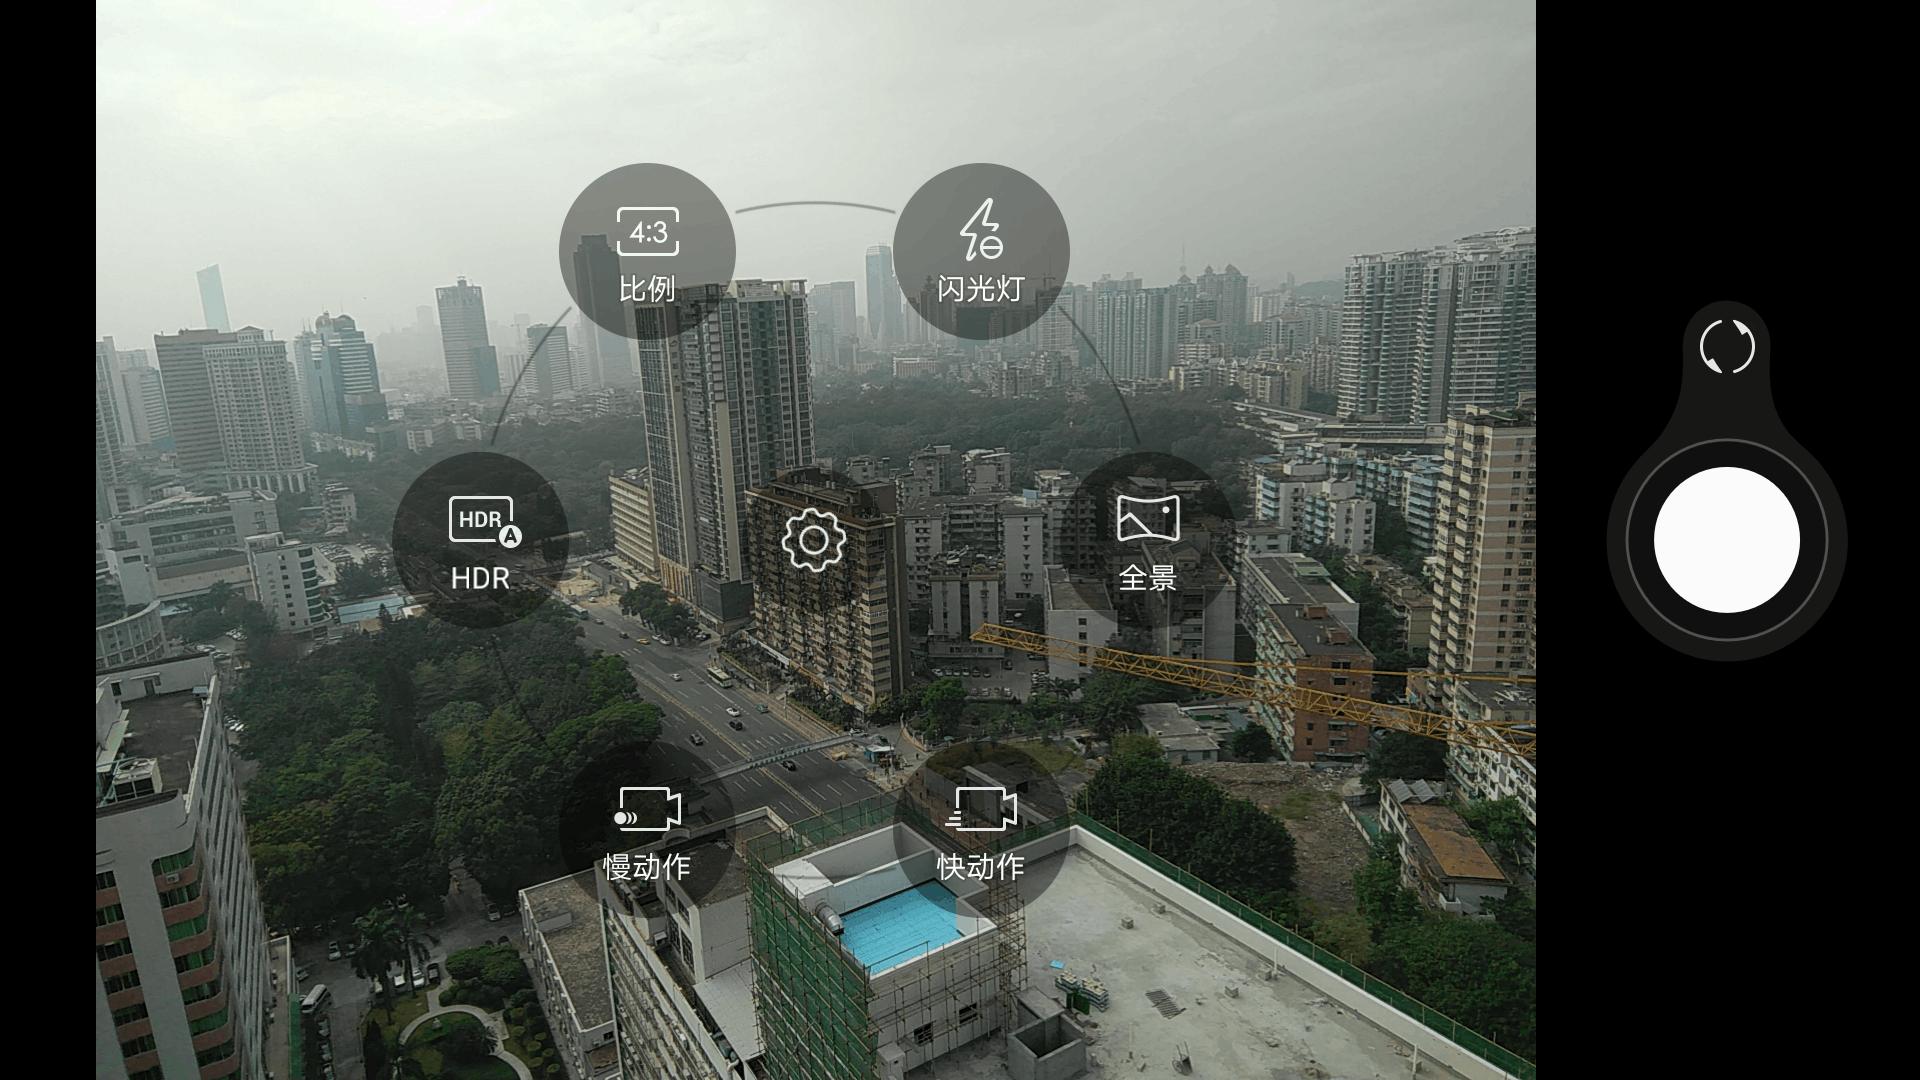 舒适手感+超高屏占比:联想ZUK Edge详细评测的照片 - 28